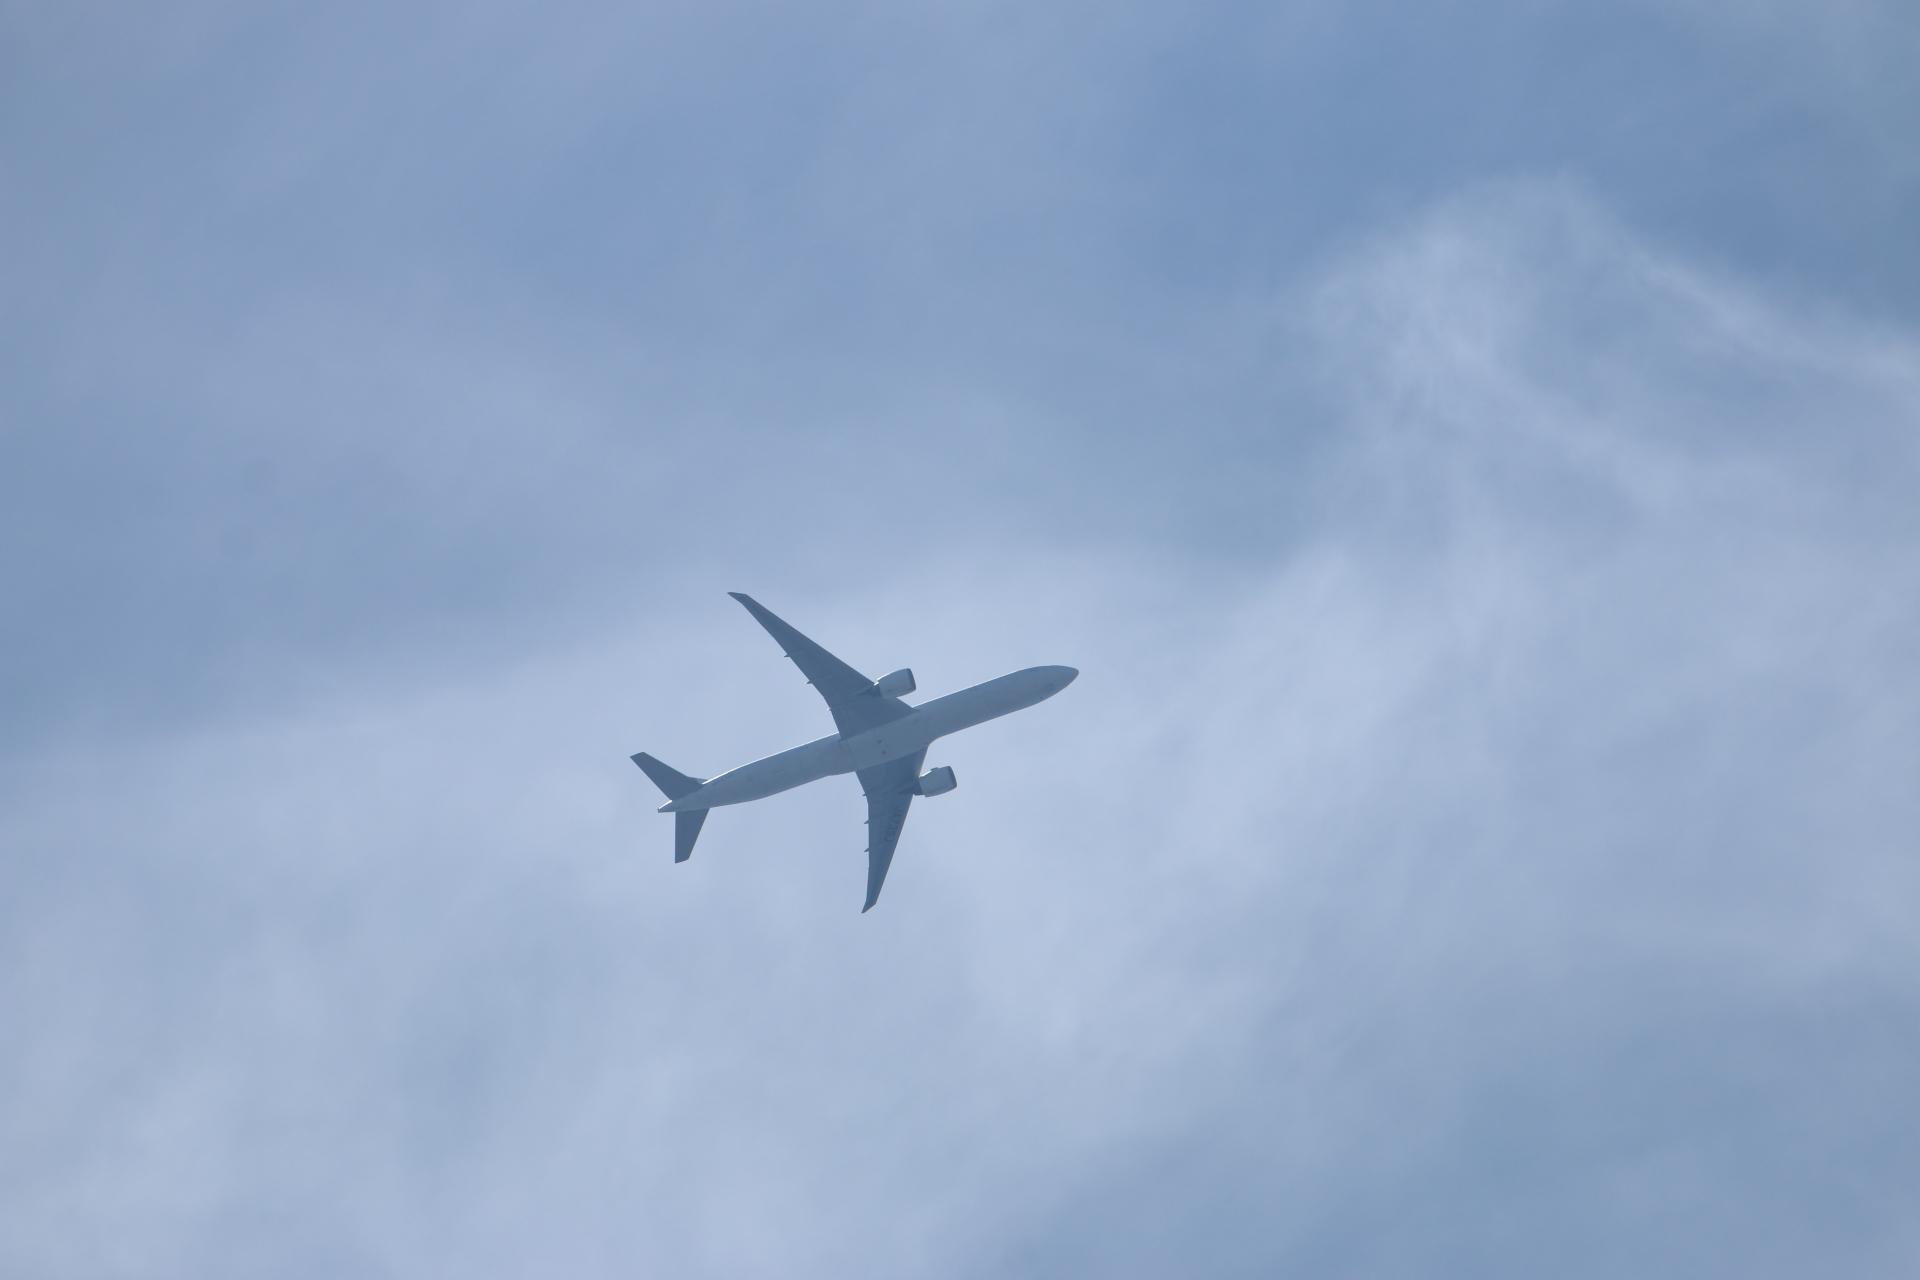 20190505雲と飛行機00000406